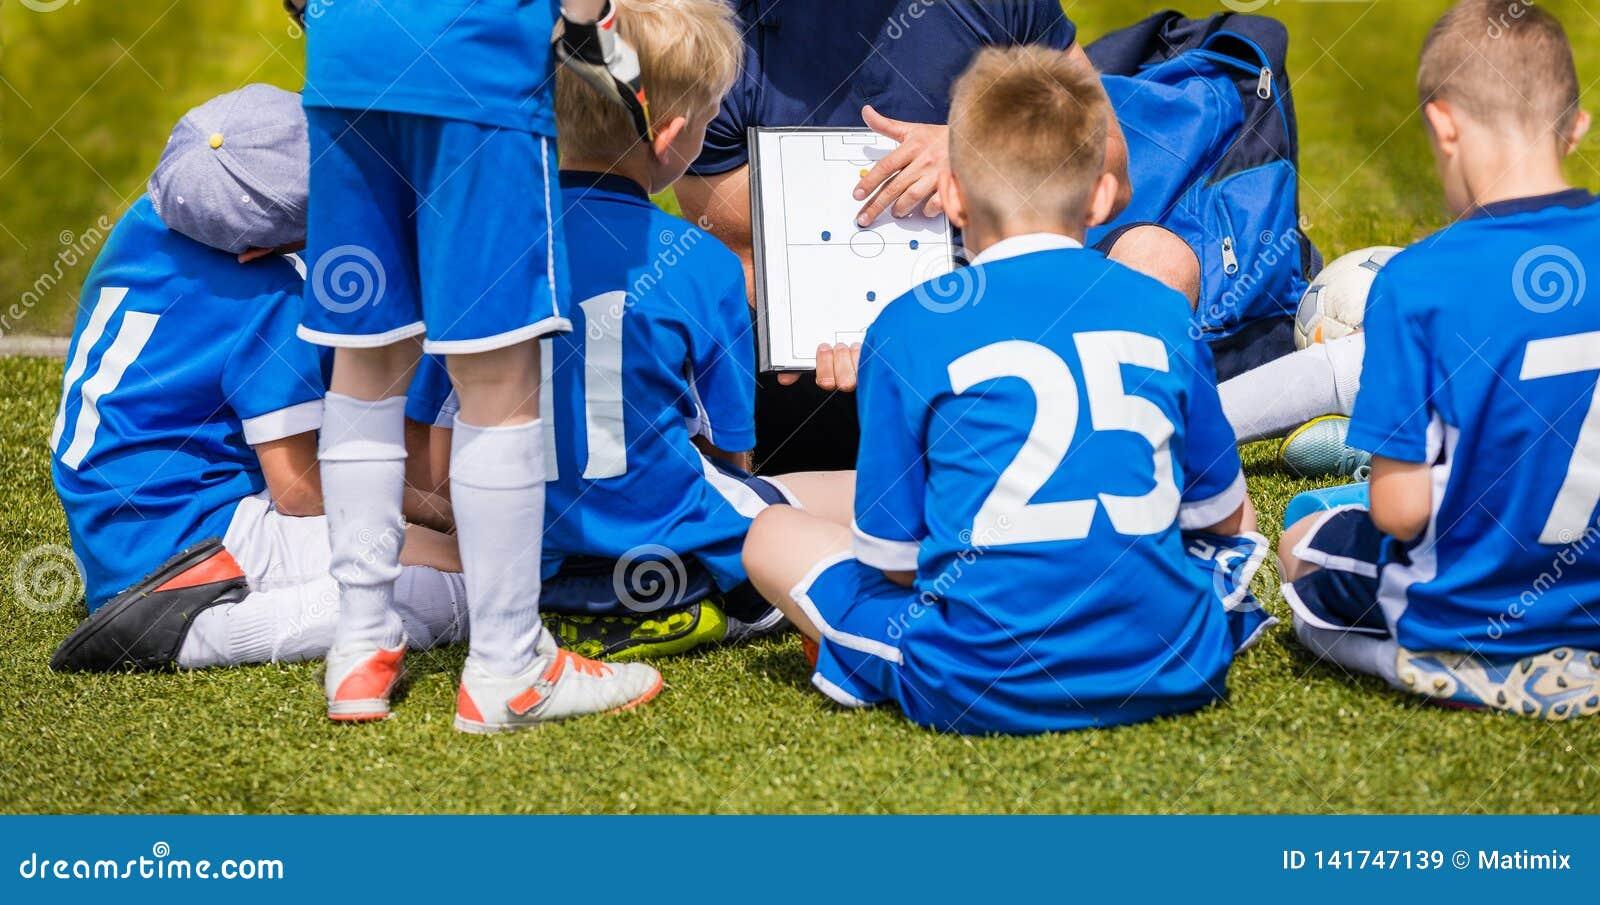 Προγυμνάζοντας ομάδα ποδοσφαίρου παιδιών λεωφορείων Ομάδα ποδοσφαίρου νεολαίας με το λεωφορείο στο στάδιο ποδοσφαίρου